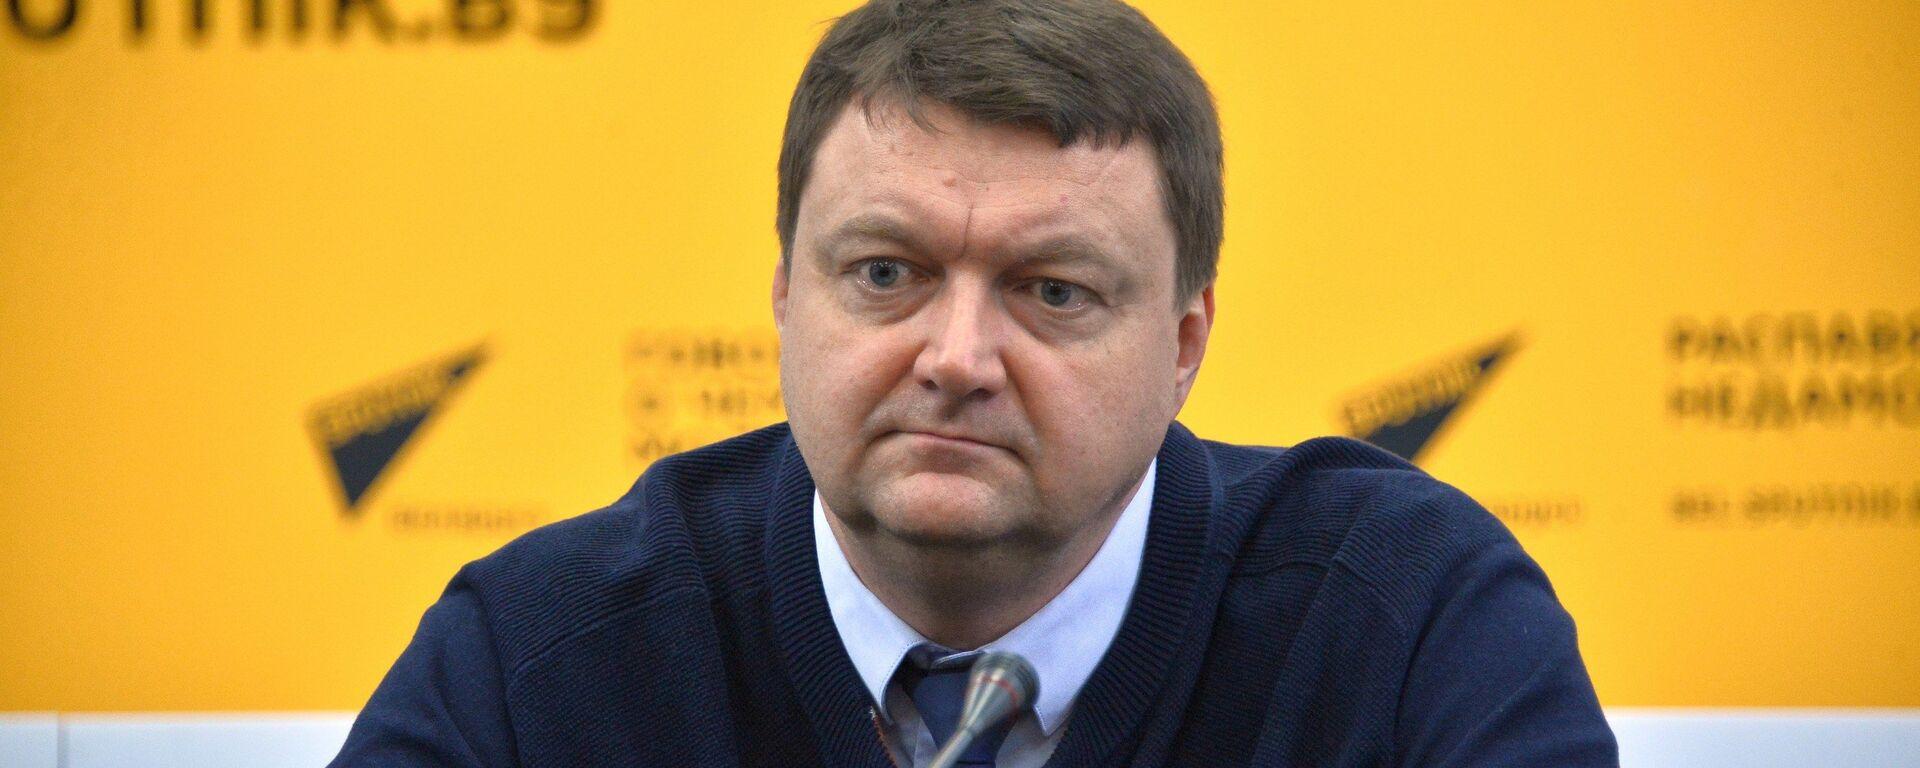 Начальник отдела по развитию олимпийского движения НОК Республики Беларусь Дмитрий Довгаленок - Sputnik Беларусь, 1920, 23.06.2021